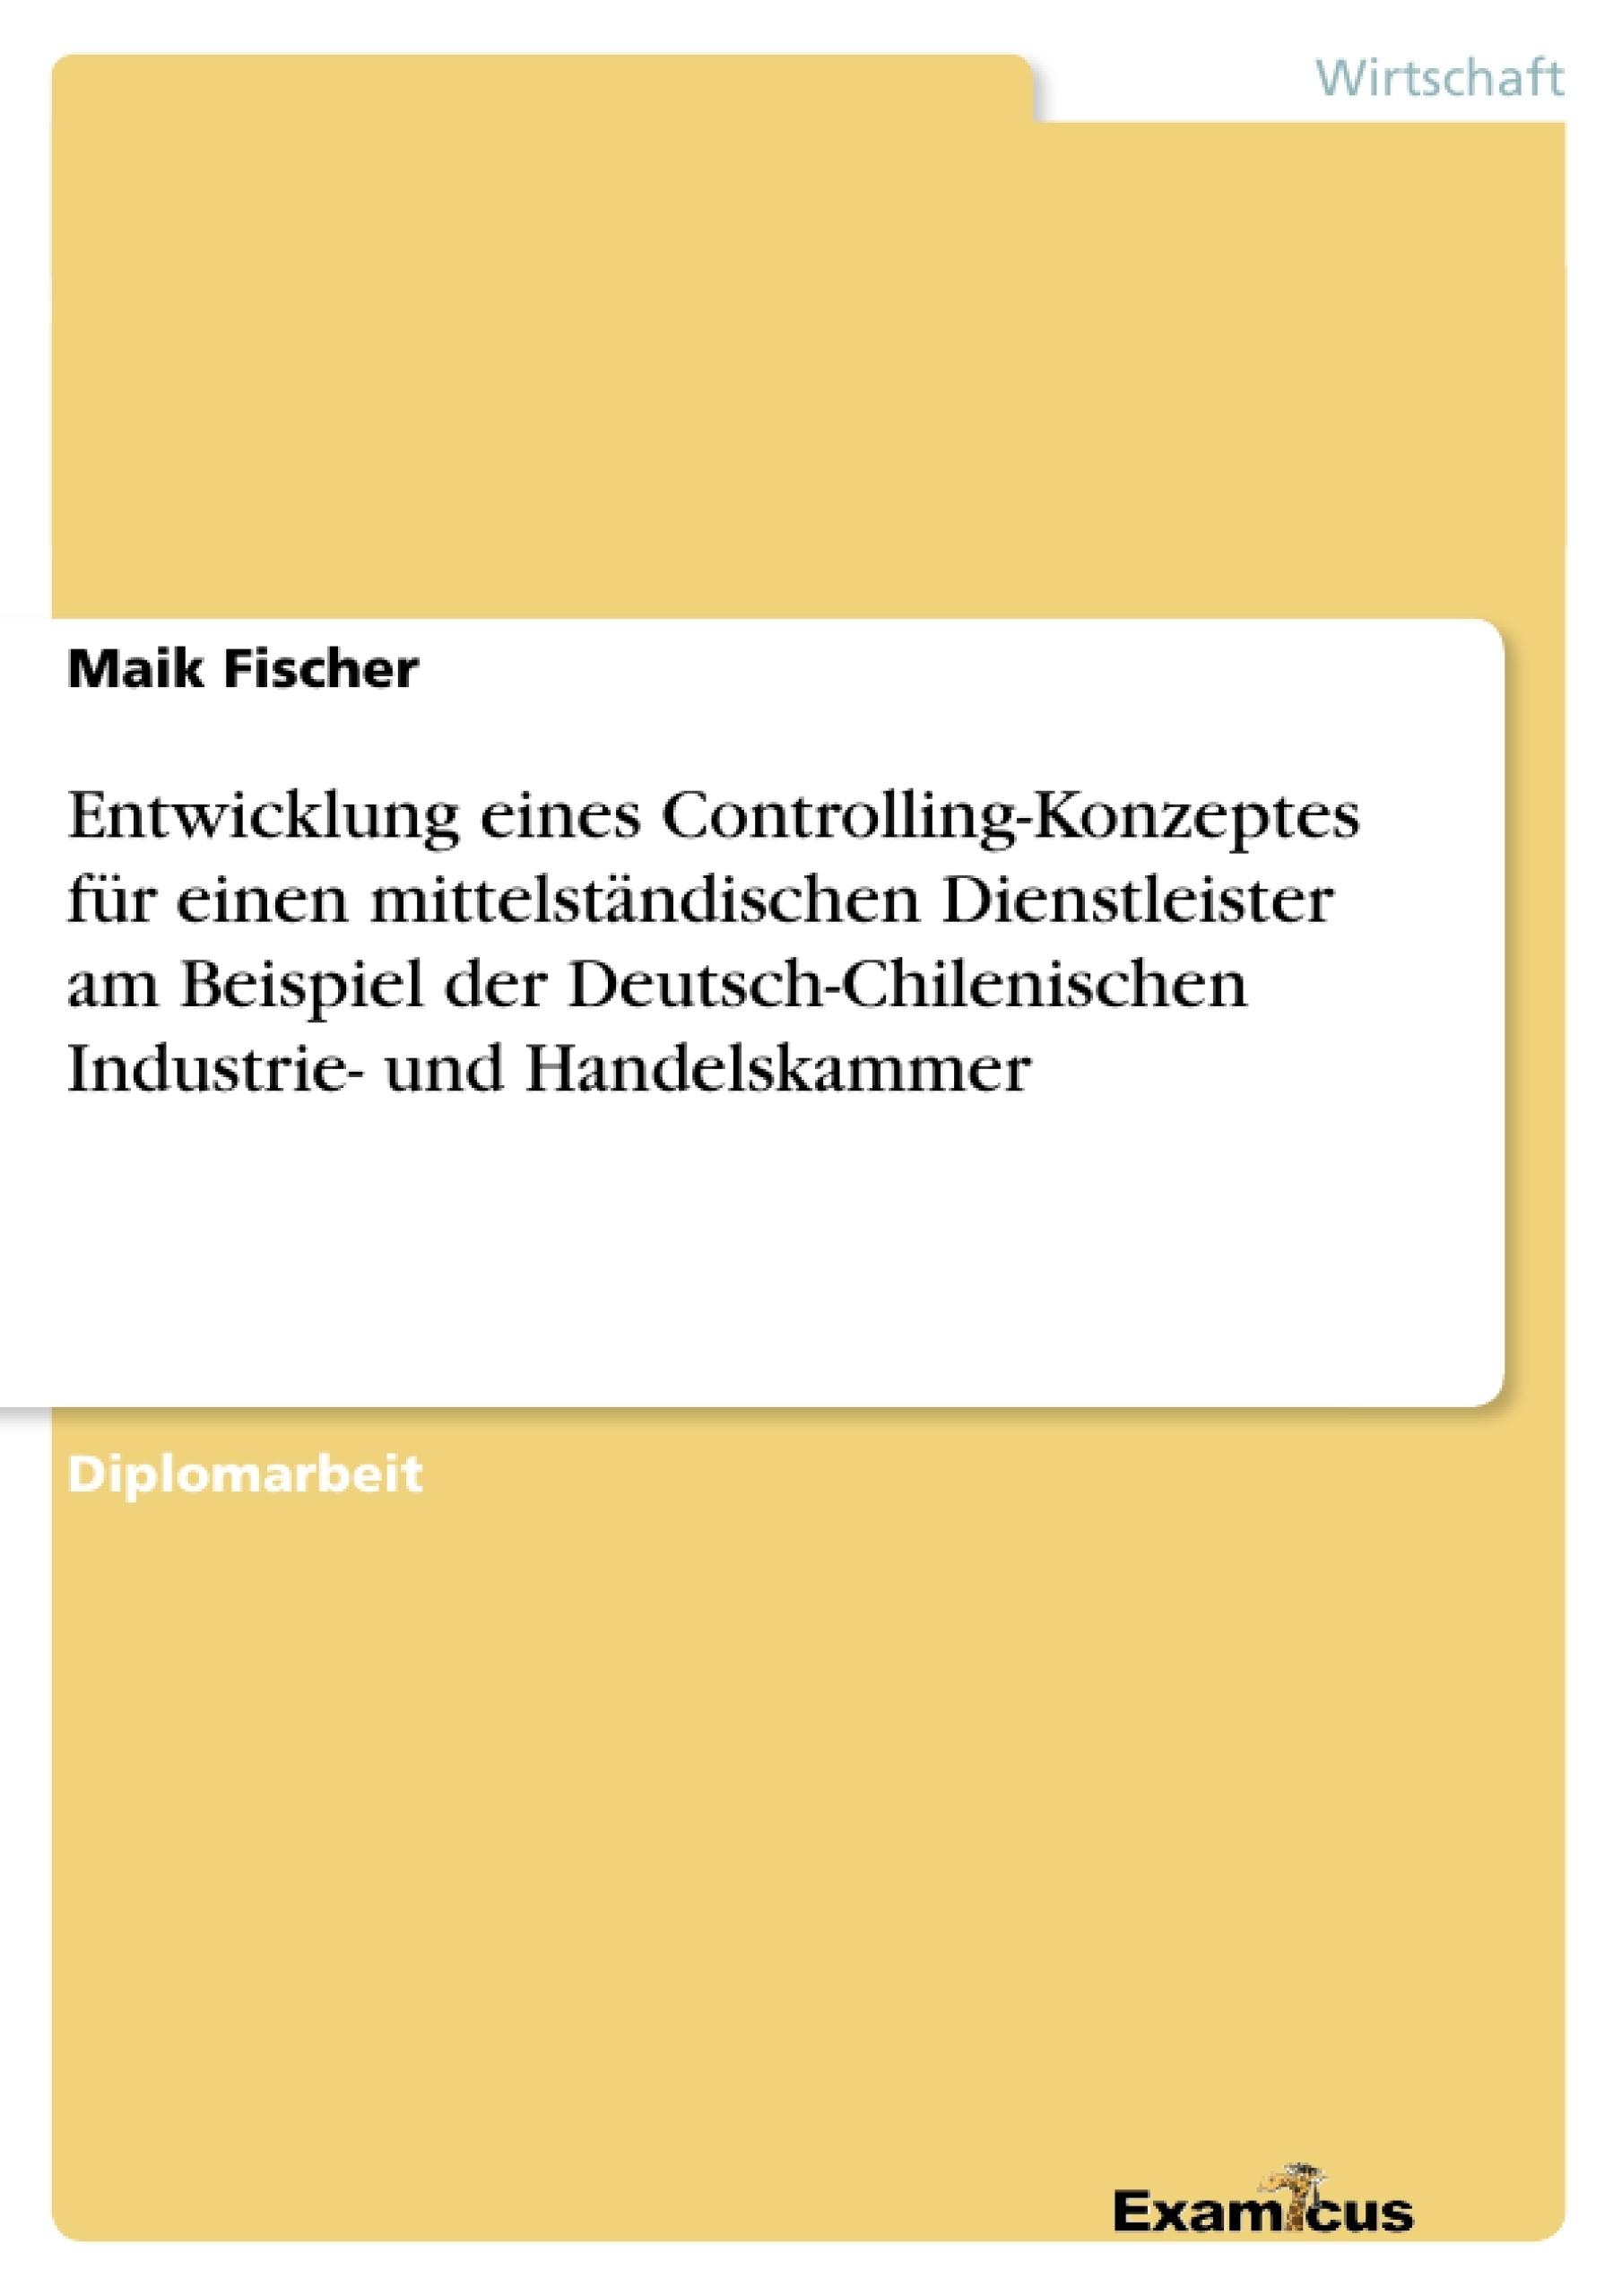 Titel: Entwicklung eines Controlling-Konzeptes für einen mittelständischen Dienstleister am Beispiel der Deutsch-Chilenischen Industrie- und Handelskammer